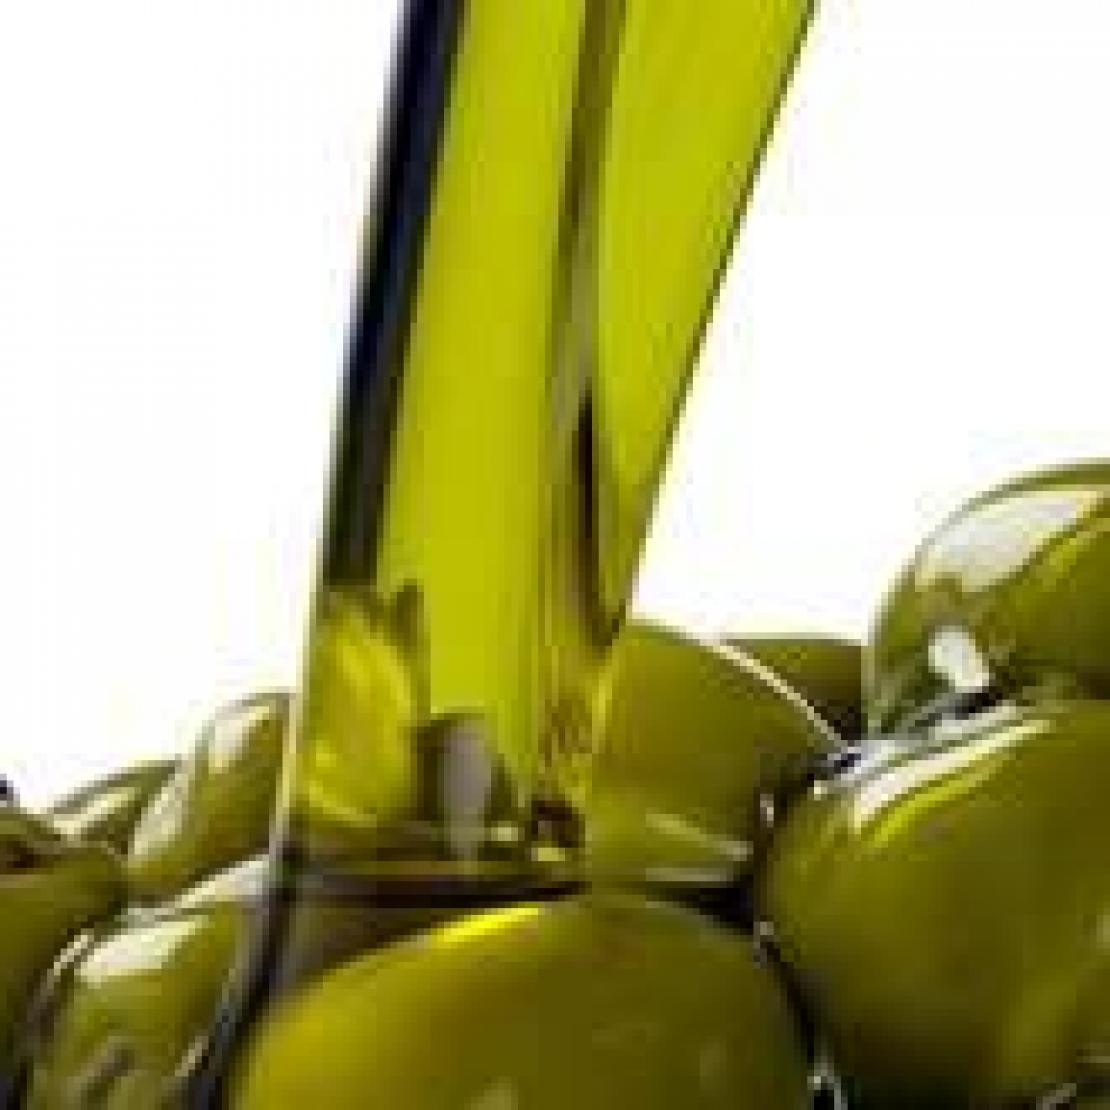 Produttività e rese. Quale di questi due fattori è più importante per garantire una giusta redditività all'olivicoltore?